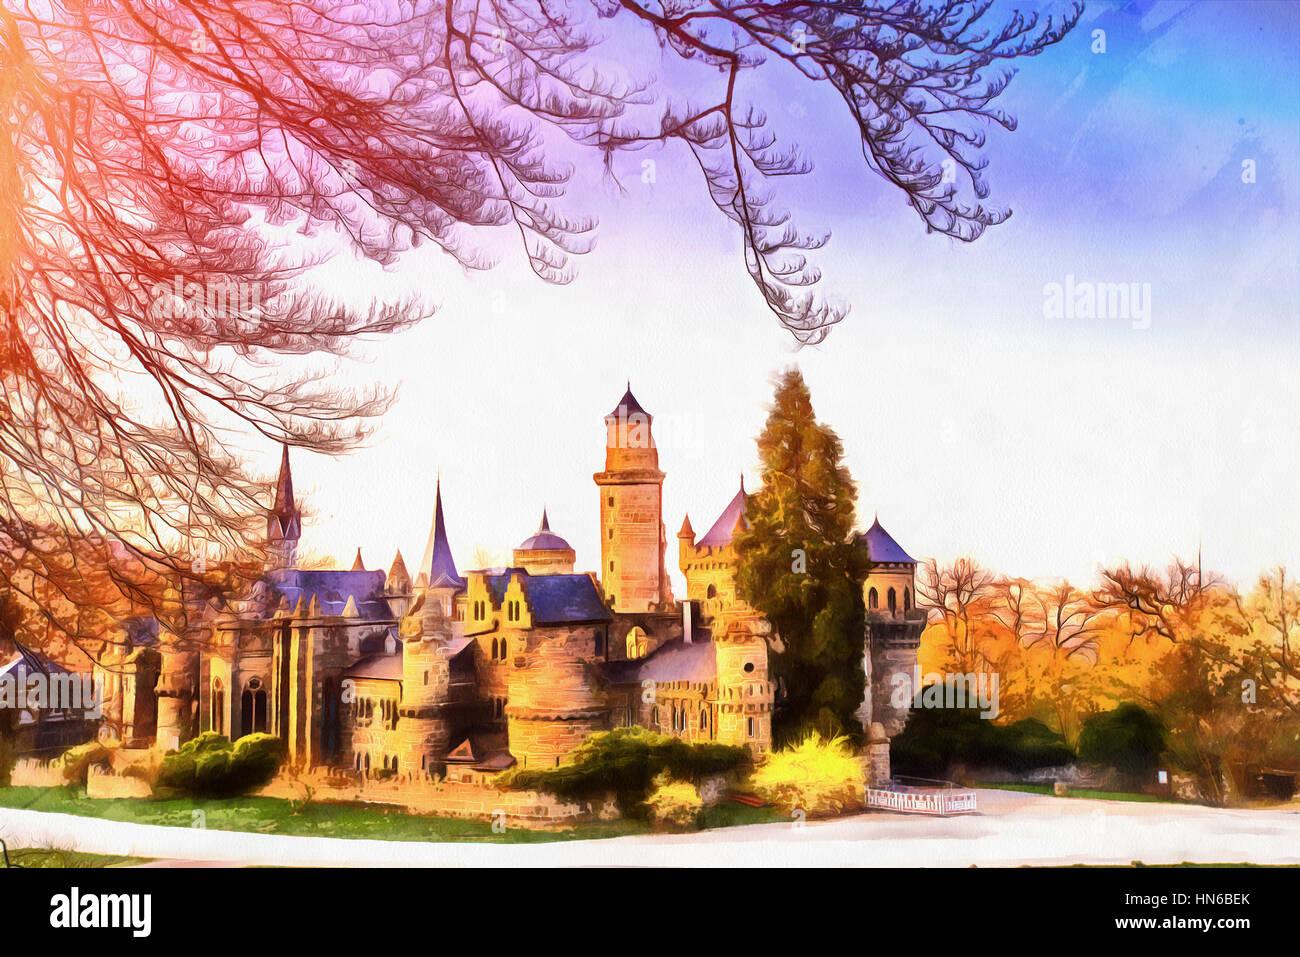 Antiguo castillo. Las obras en el estilo de la pintura con acuarela Imagen De Stock